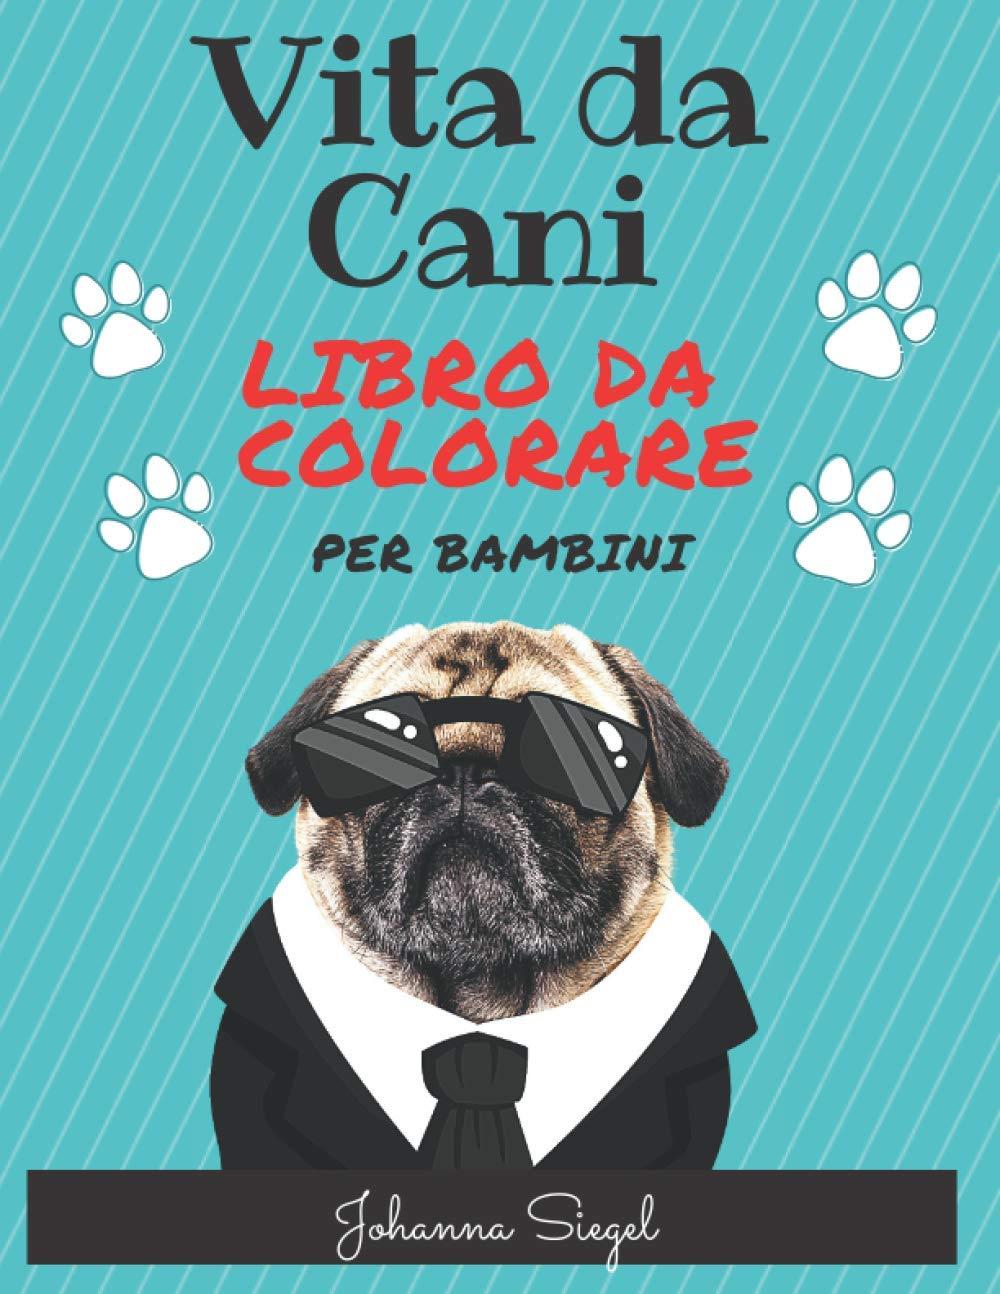 Vita Da Cani Libro da Colorare per Bambini